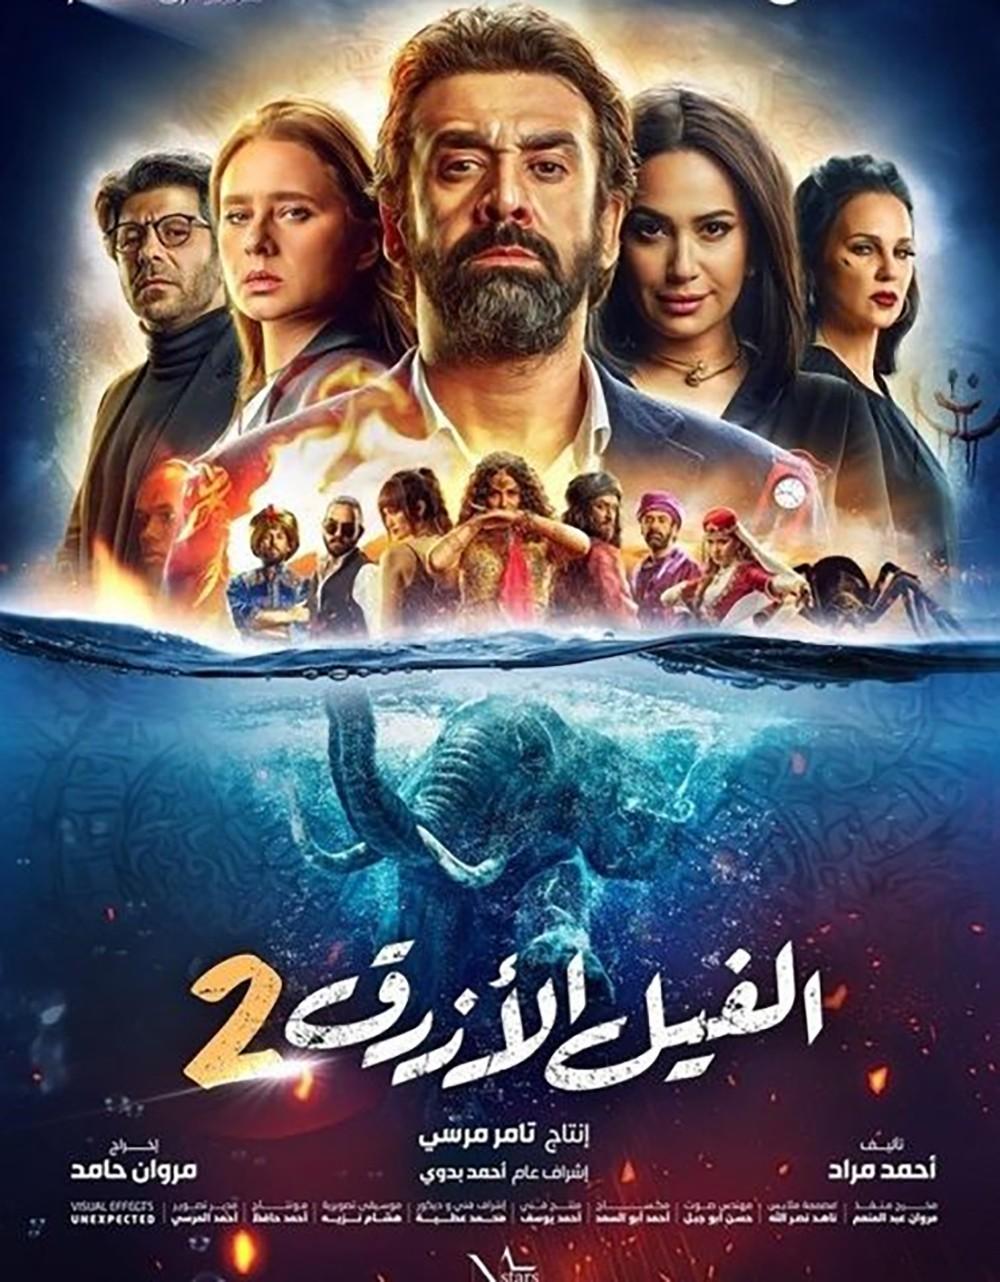 لأول مرة.. فيلم مصري يكسر حاجز الـ100 مليون جنيه